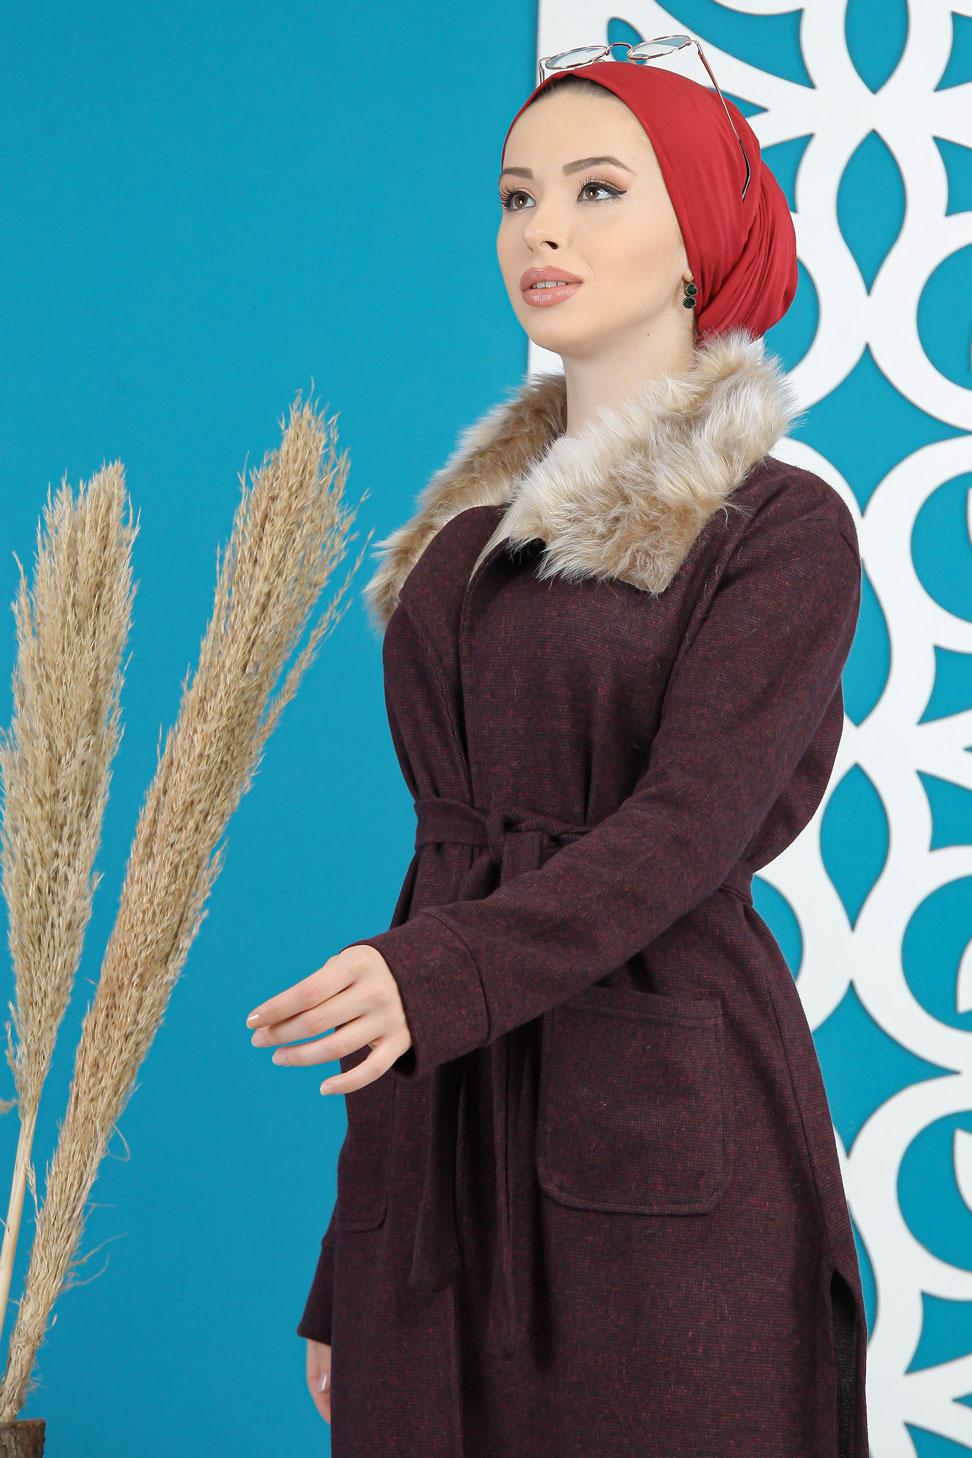 معطف بوردو ياقة وبر ناعم لون خمري